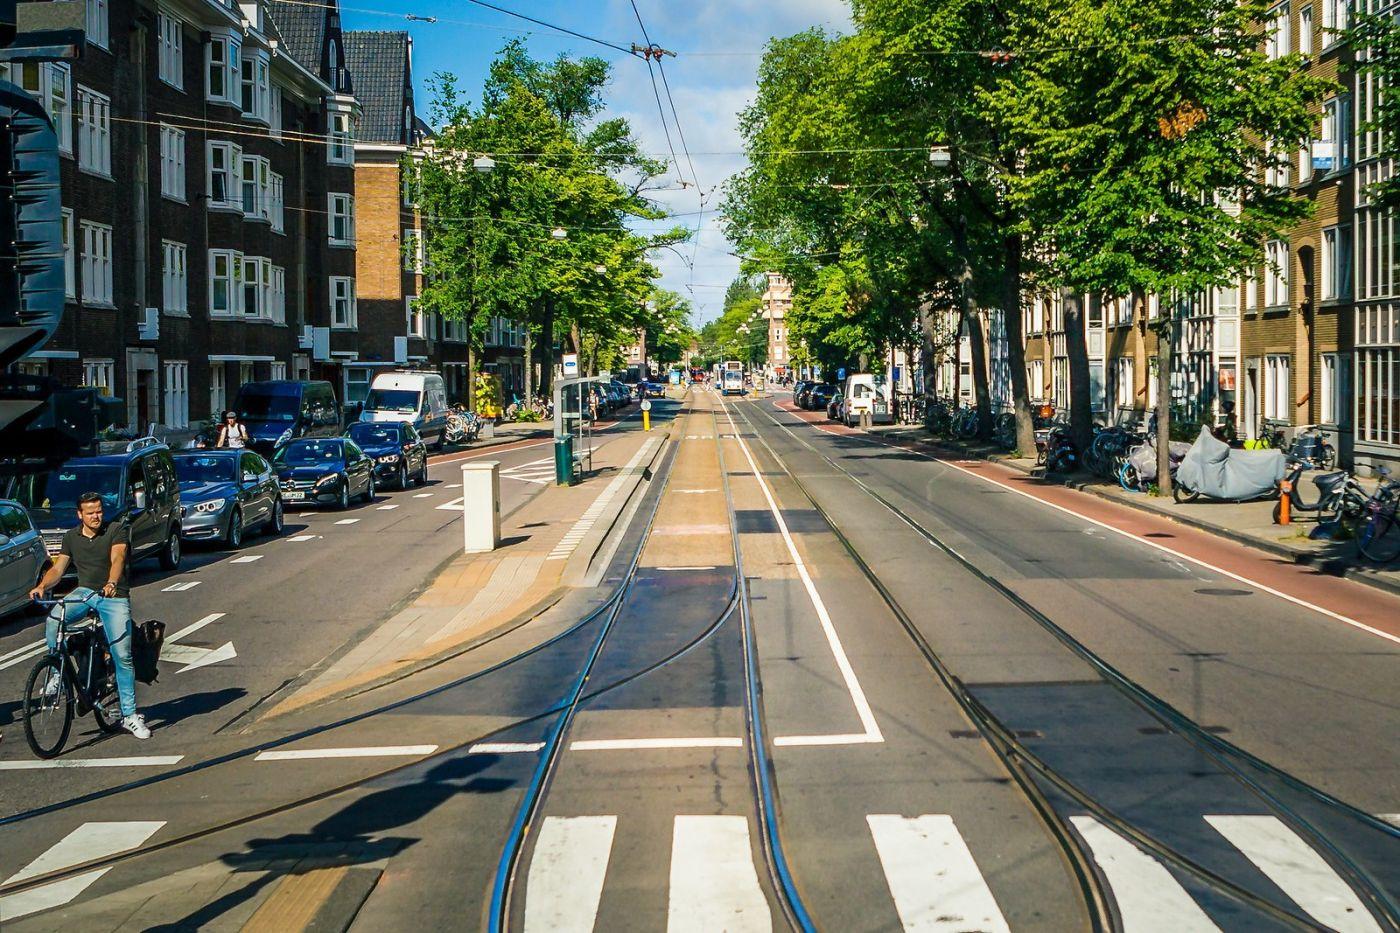 荷兰阿姆斯特丹,穿梭的自行车_图1-34